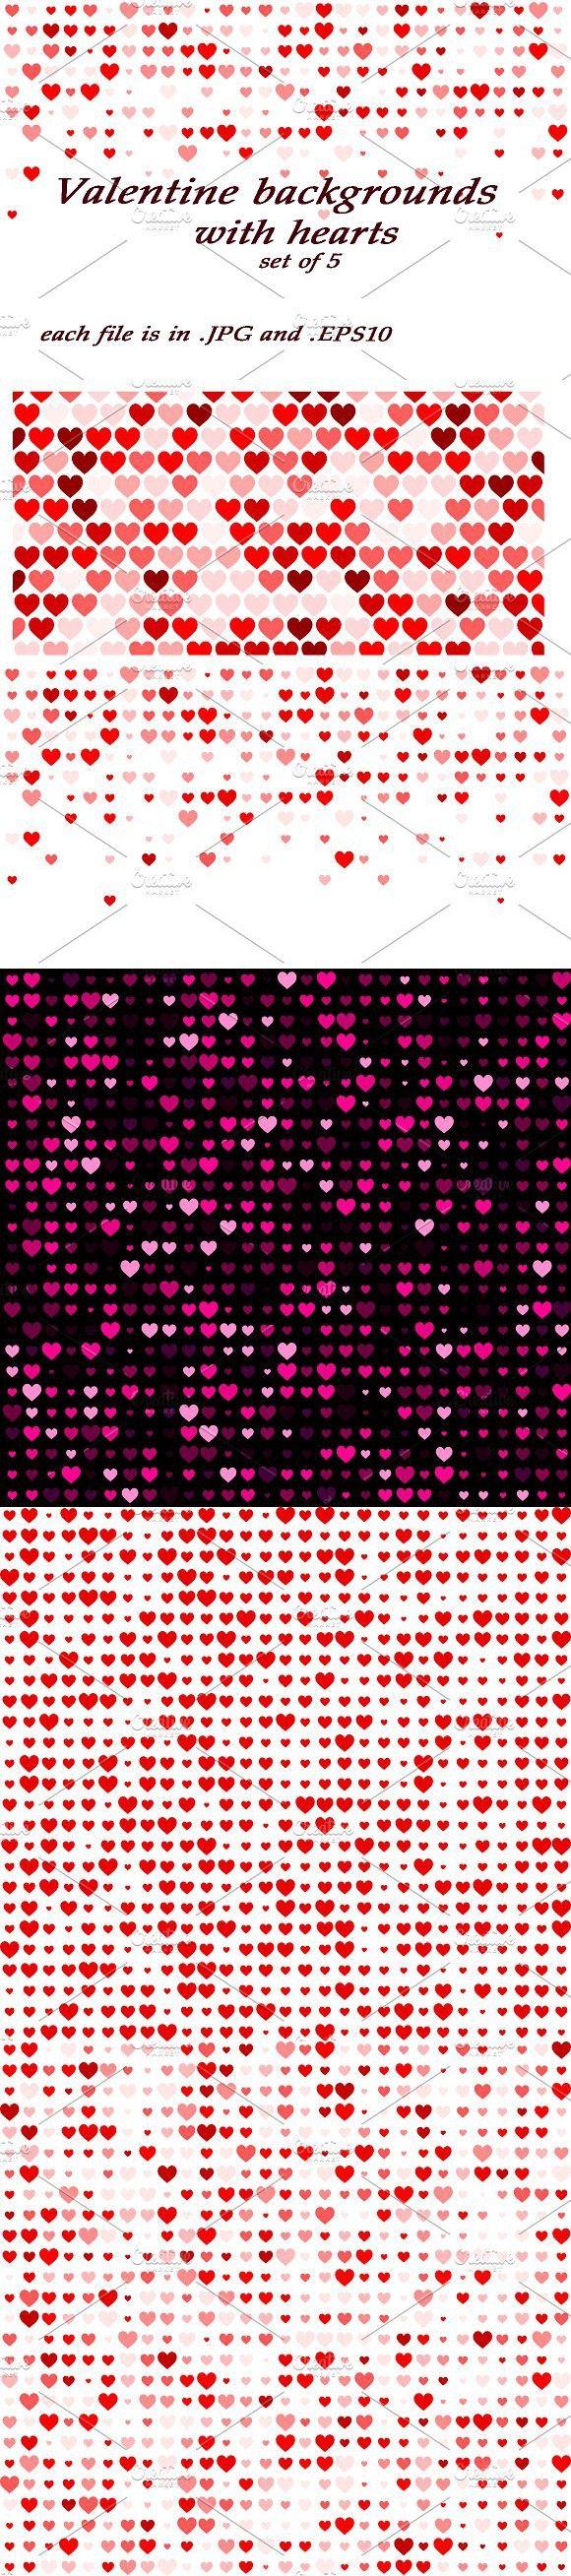 Valentine backgrounds, set of 5 pcs. Patterns